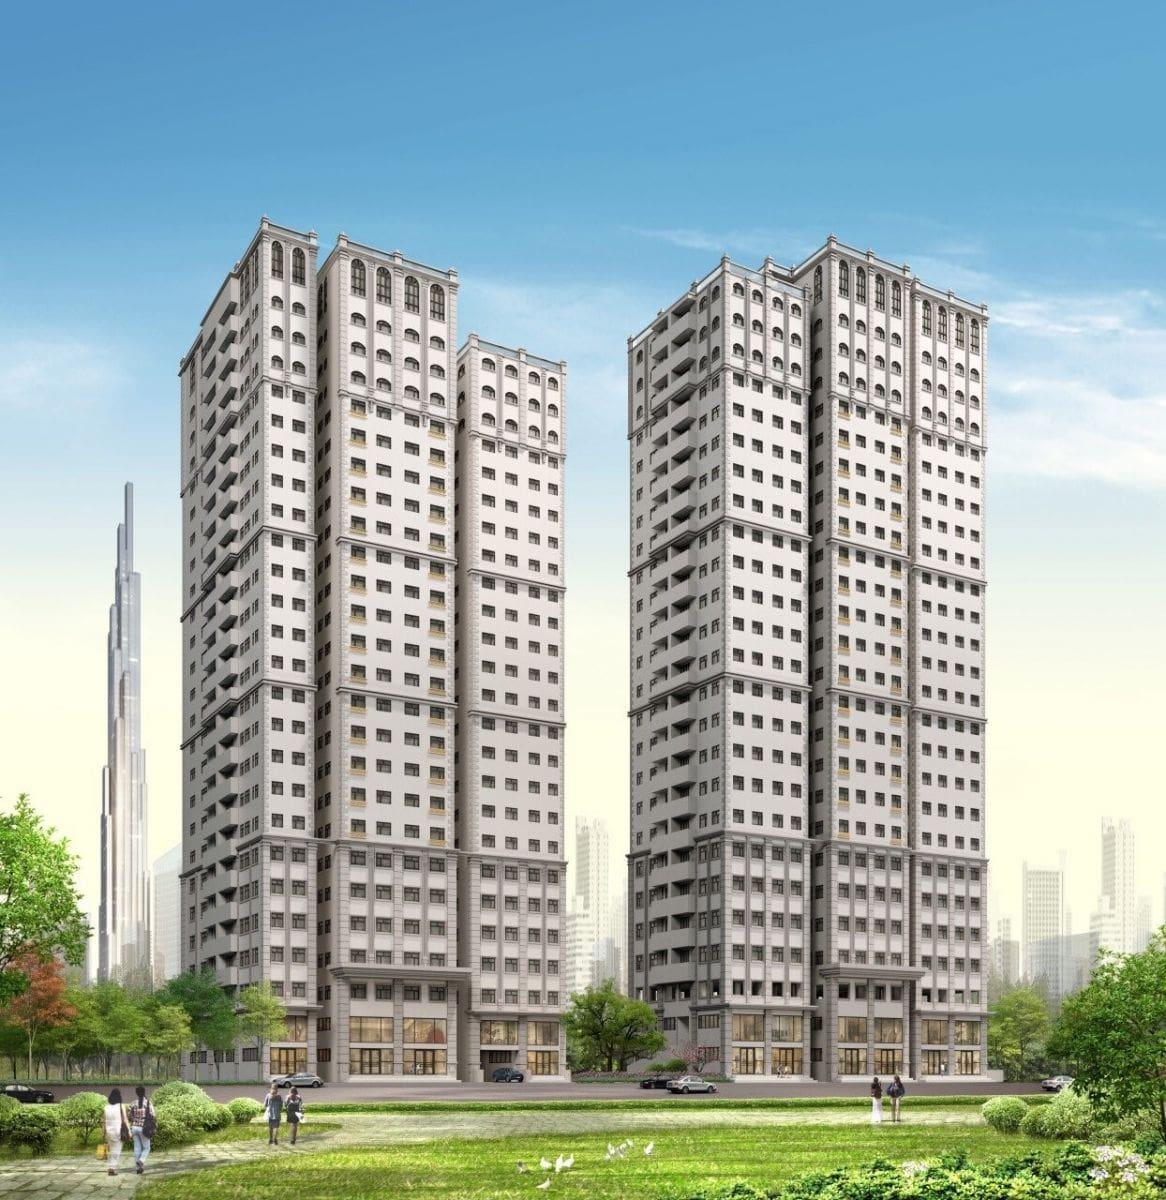 Phối cảnh tổng thể dự án Paris Hoàng Kim quận 2